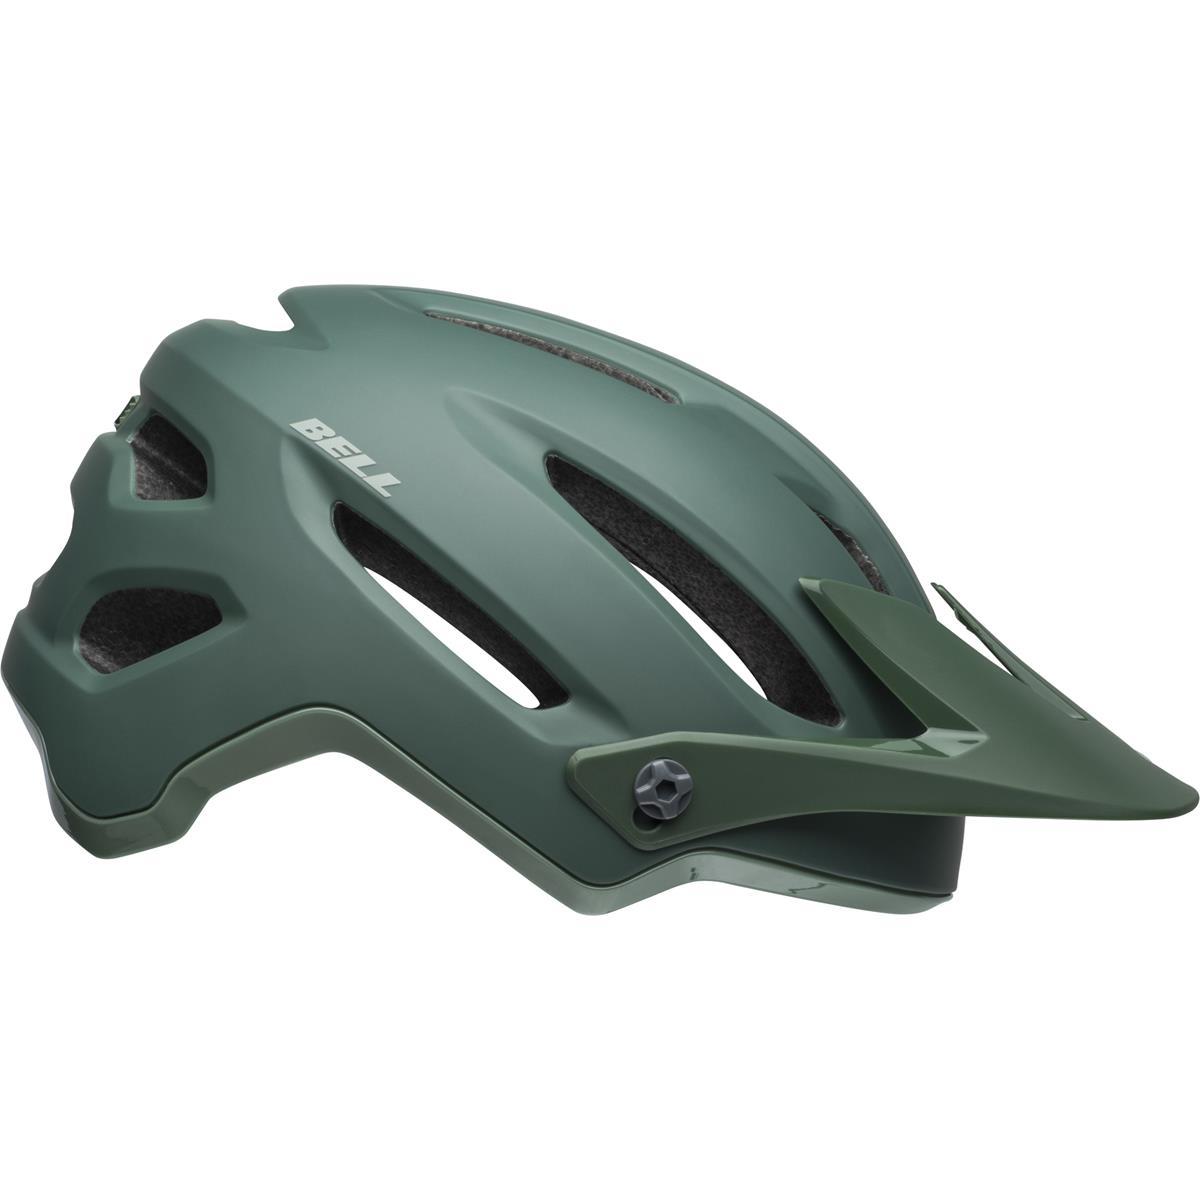 Bell Enduro-CASCO MTB 4 Forty MIPS Cliffhanger-matt/Gloss Cliffhanger-matt/Gloss Cliffhanger-matt/Gloss Verde Scuro/Verde chiaro b65eaf